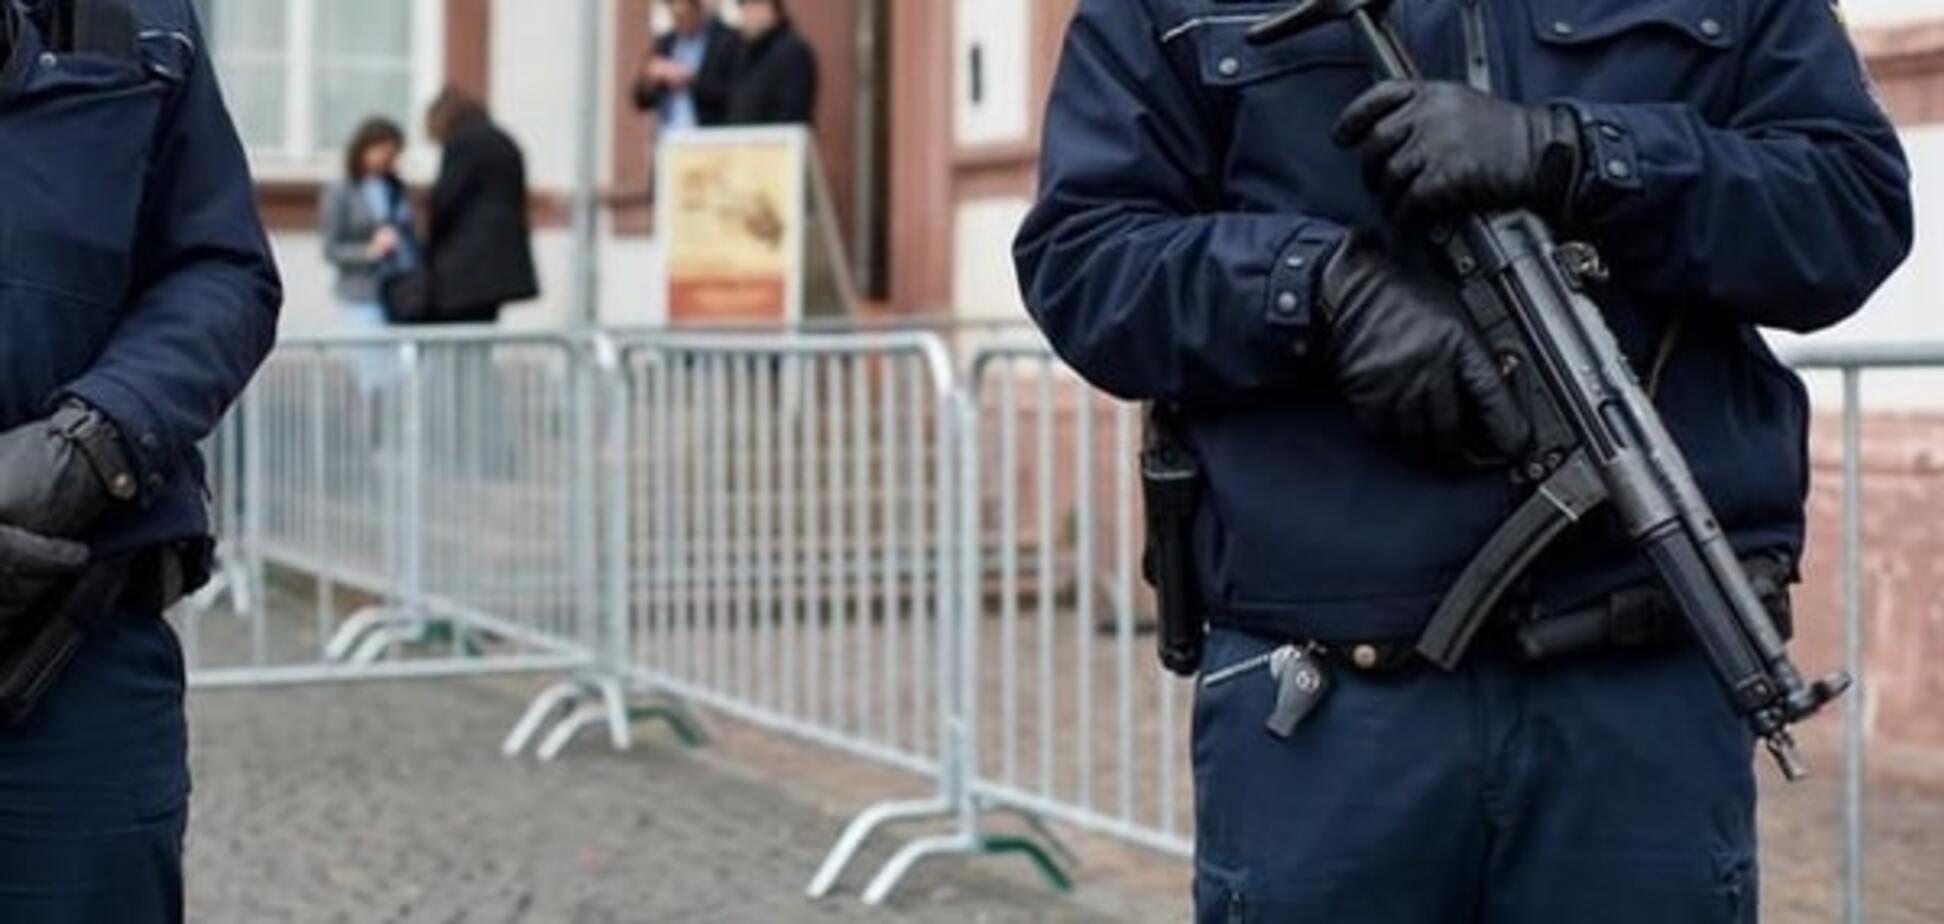 В Германии неизвестные устроили кровавую стрельбу: есть жертвы